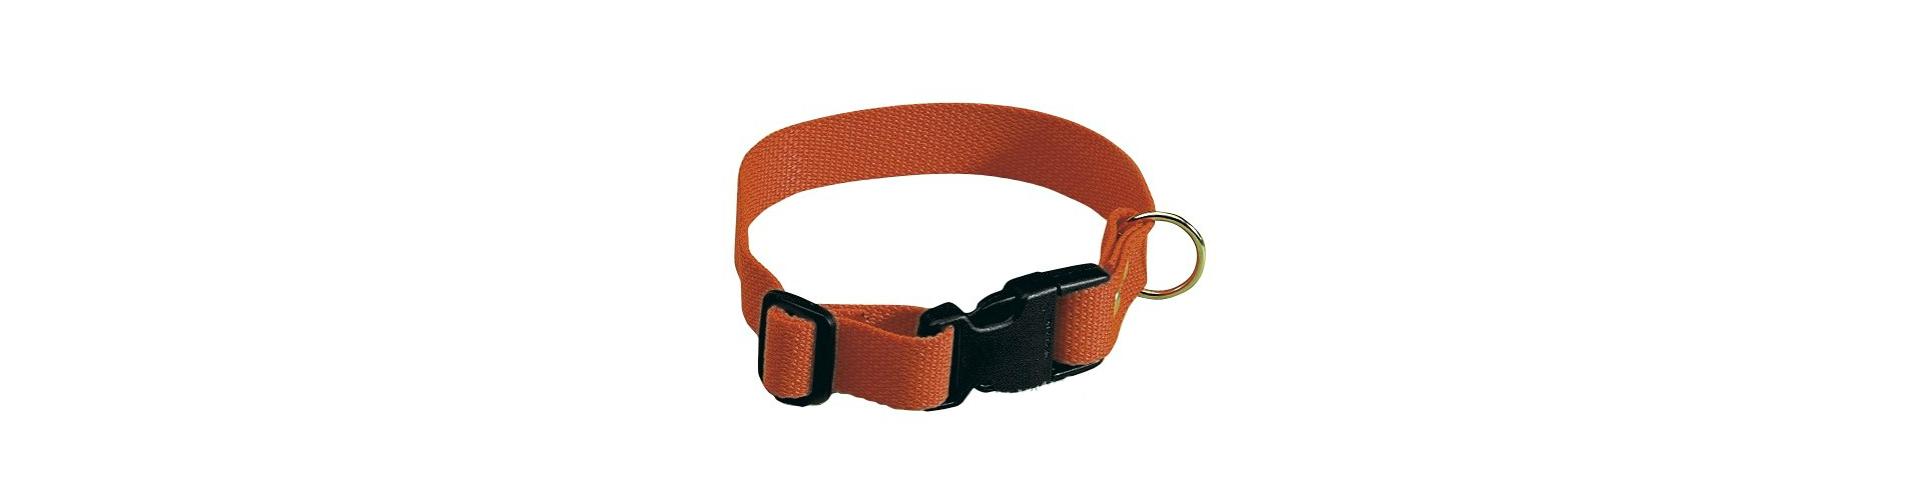 Hundeline & Retrieverline | Køb Hundesnor Læder Online Her